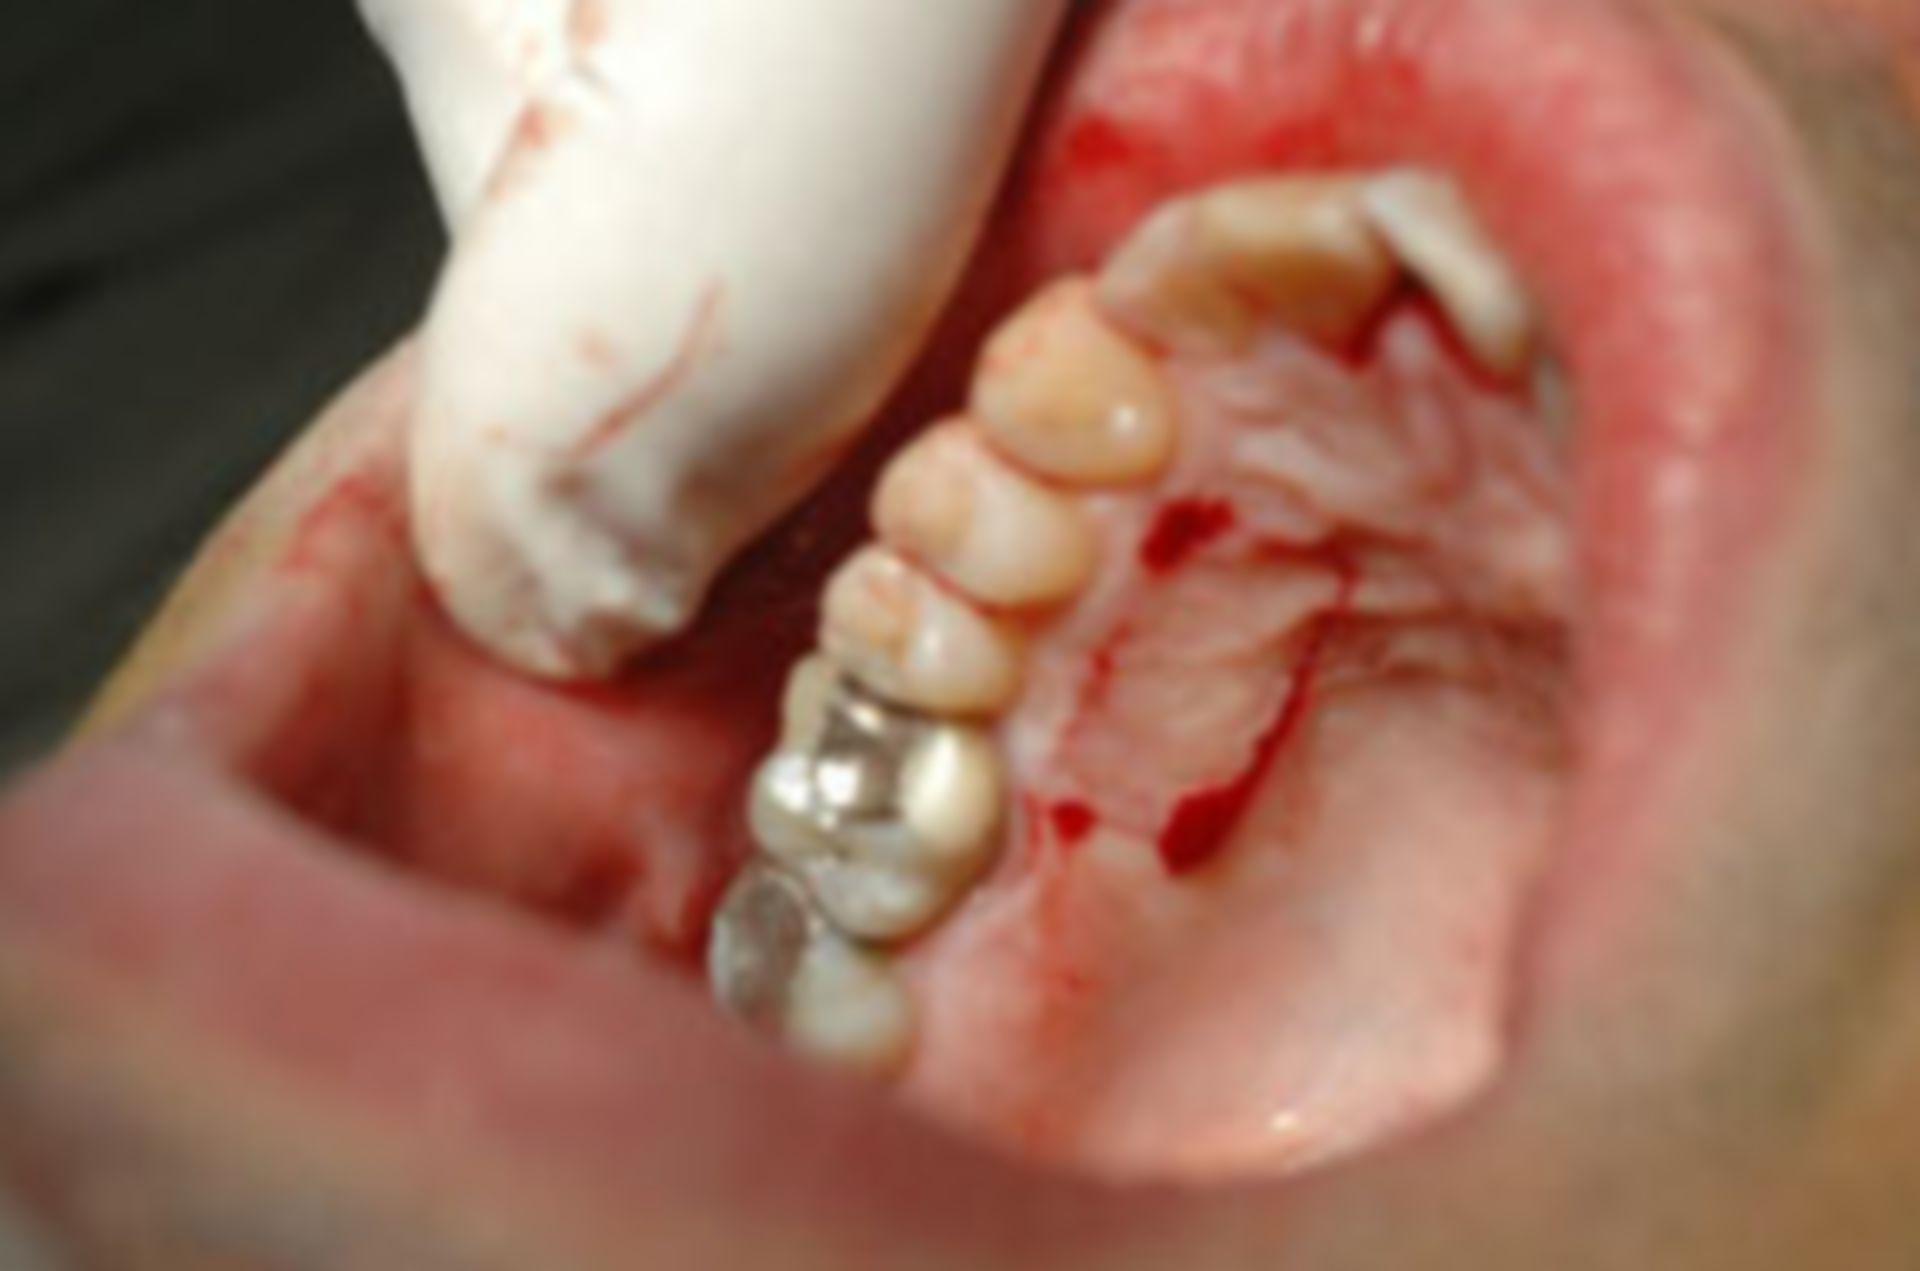 Intraoraler Befund bei Erhebung des Zahnstatus